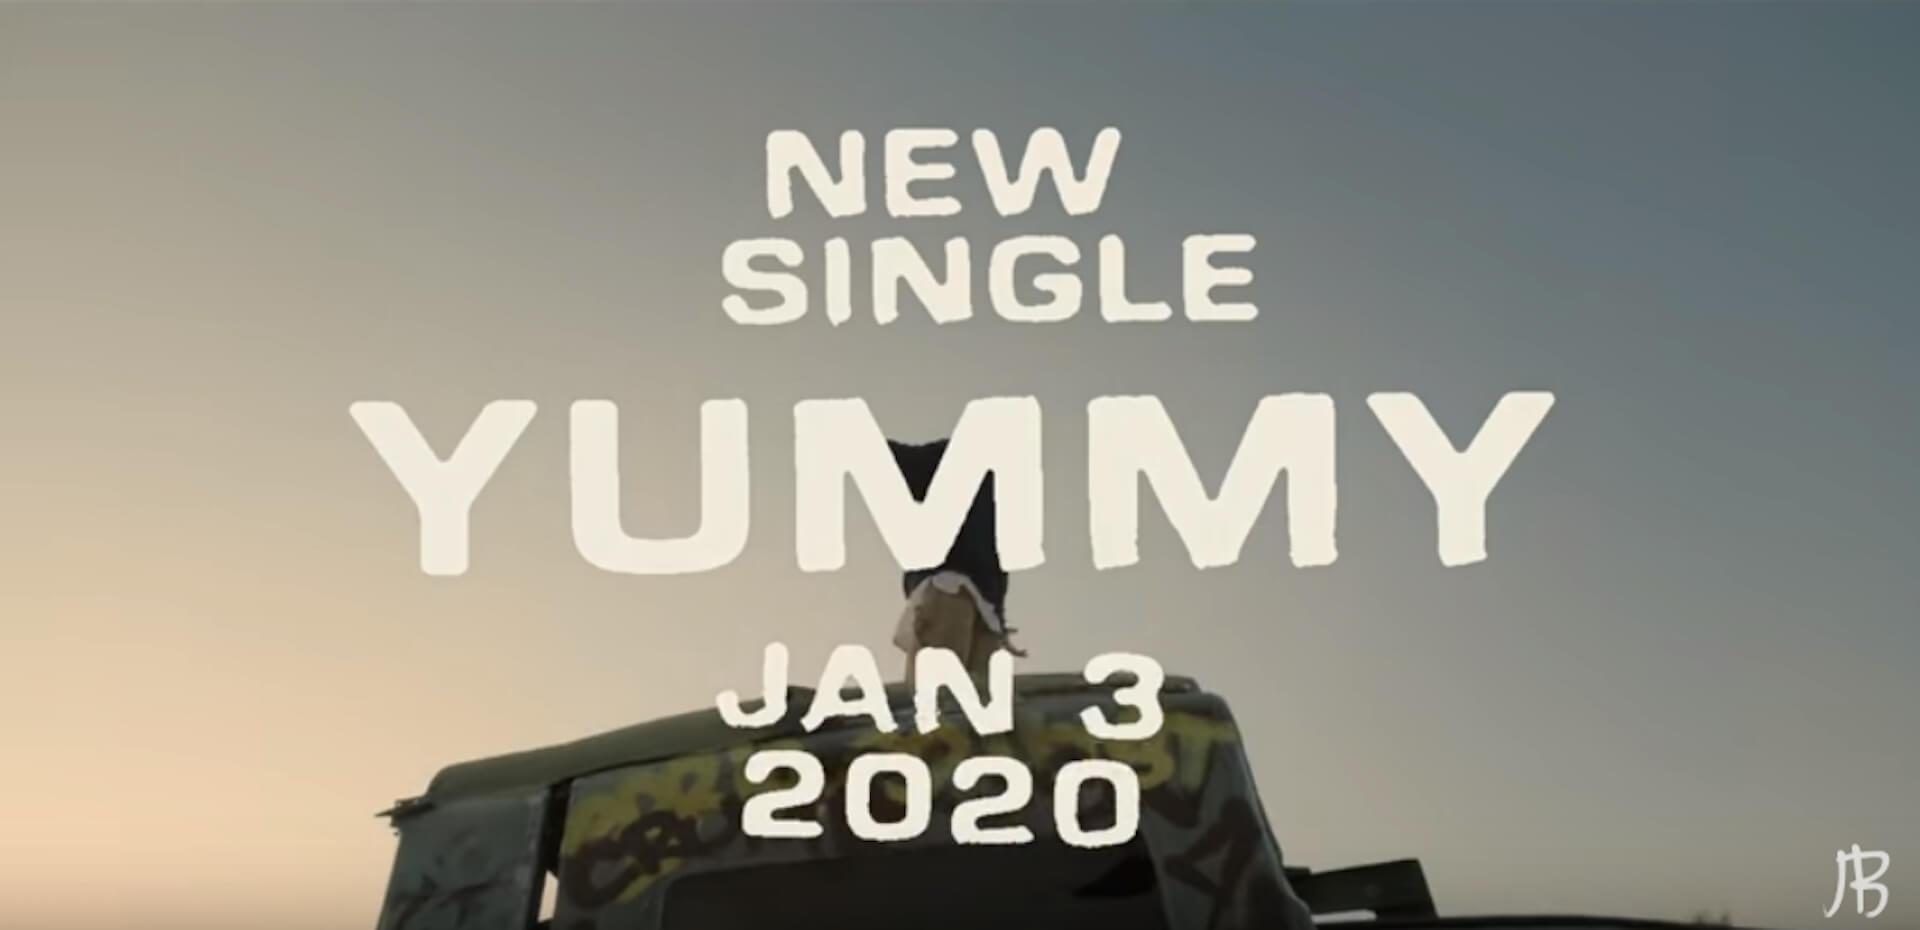 ジャスティン・ビーバーついに復活!新シングル「Yummy」リリース&新ドキュメンタリー発表|全米ツアーも開催 music191225_justinbieber_1